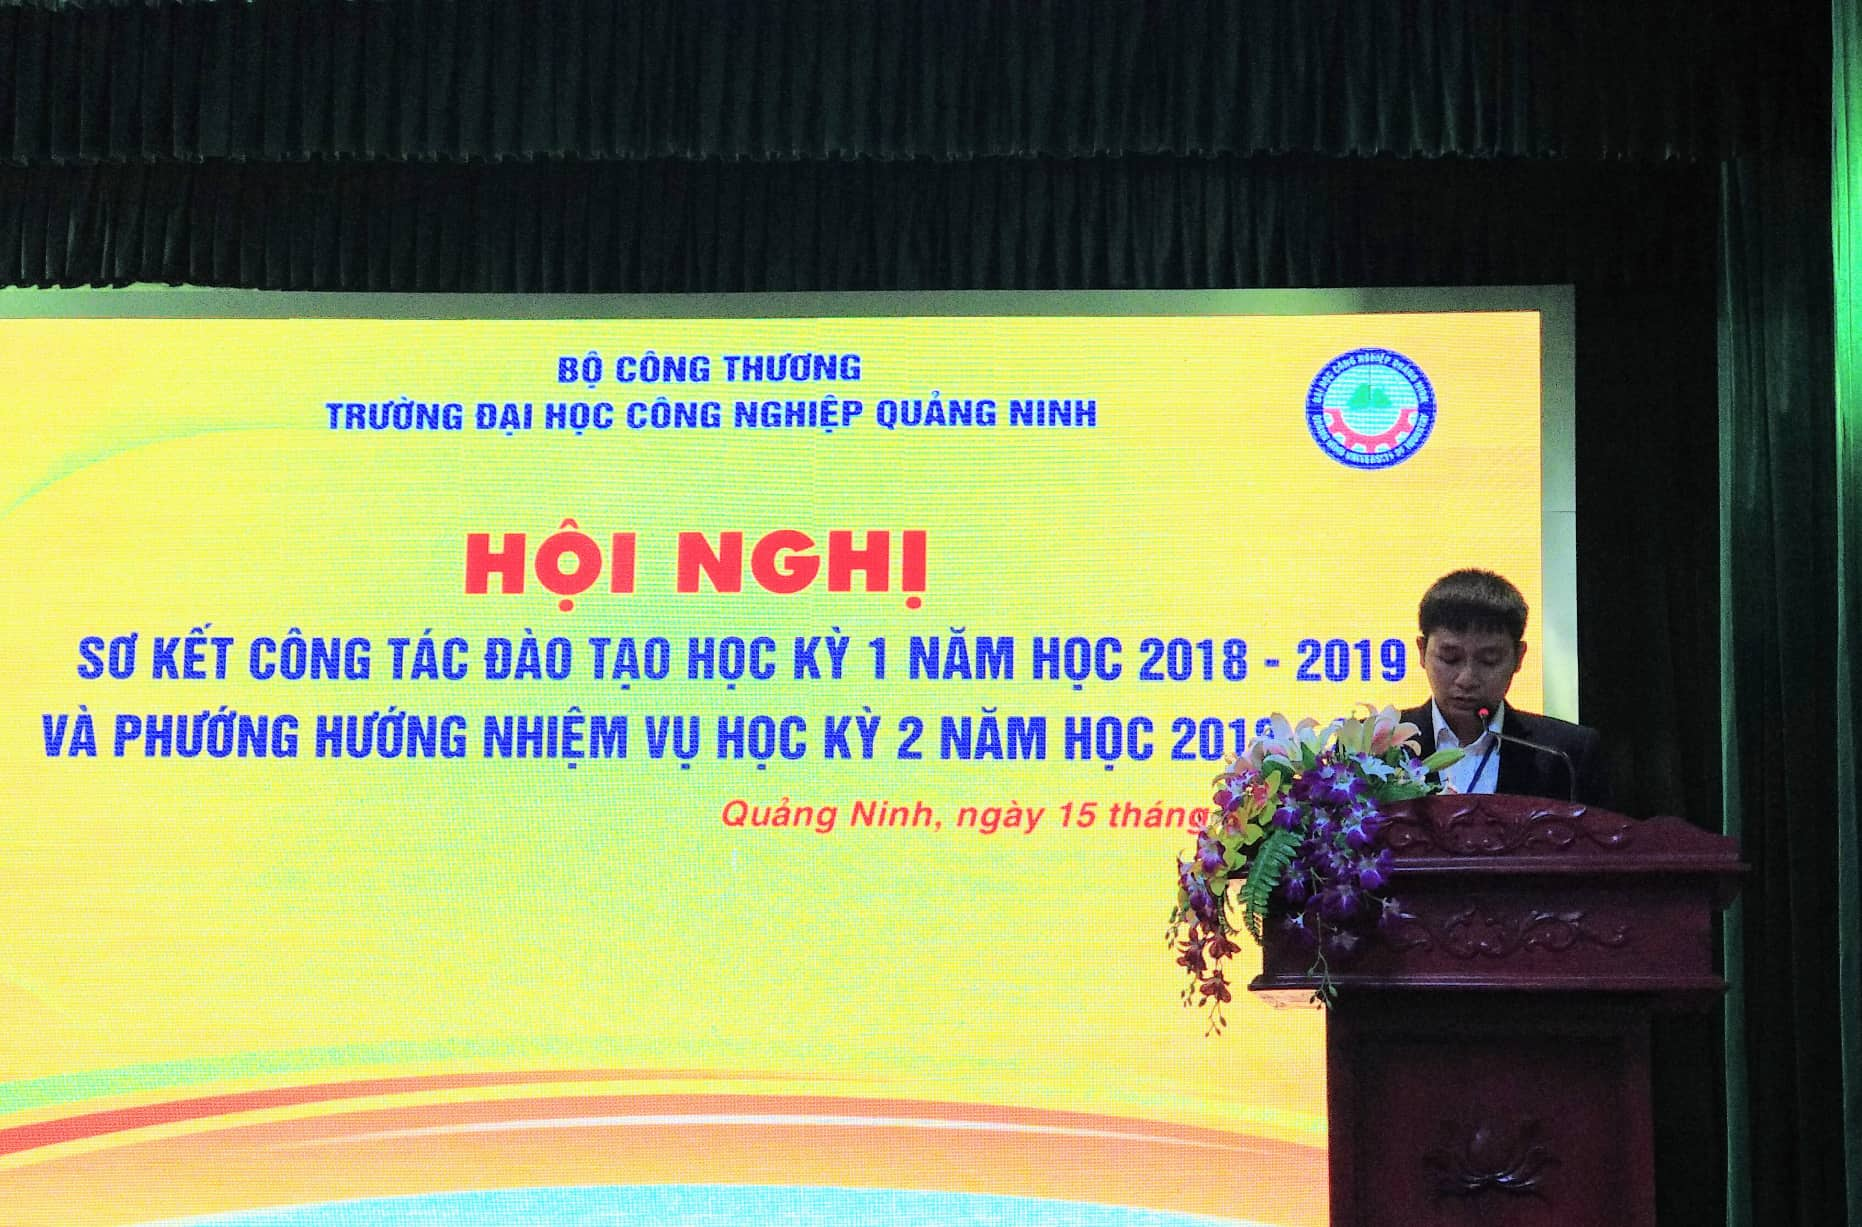 Trường Đại học Công nghiệp Quảng Ninh  tổ chức Hội nghị sơ kết công tác đào tạo học kỳ I, năm học 2016-2017